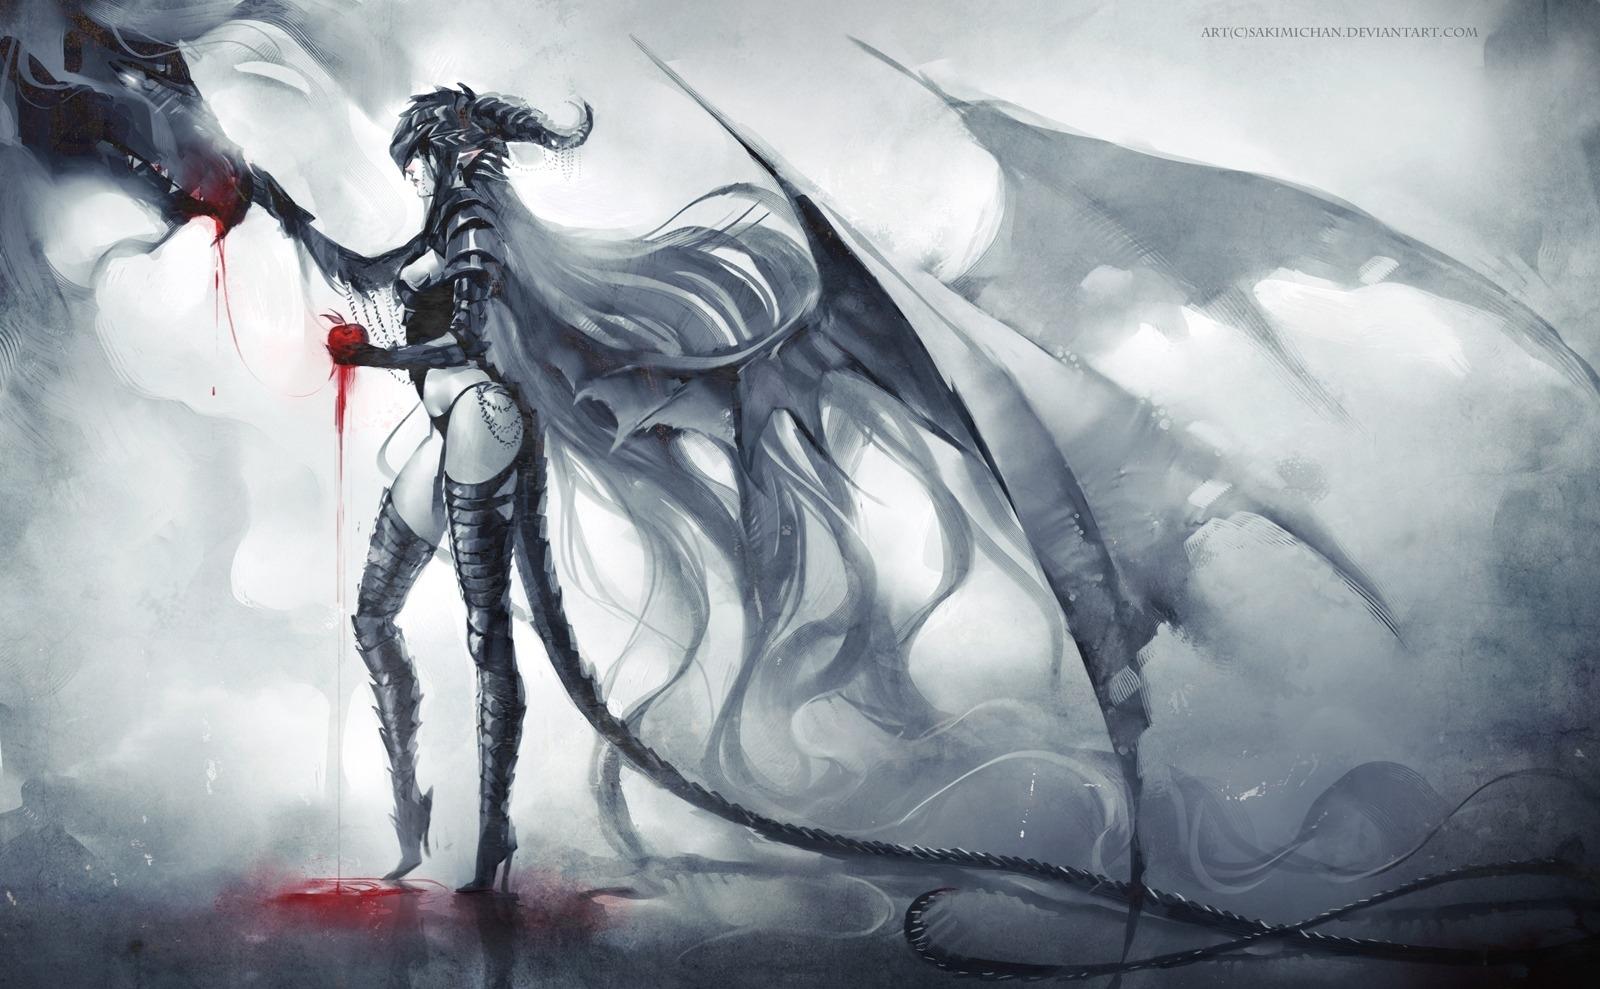 epic fantasy wallpaper dark full hd free download > subwallpaper